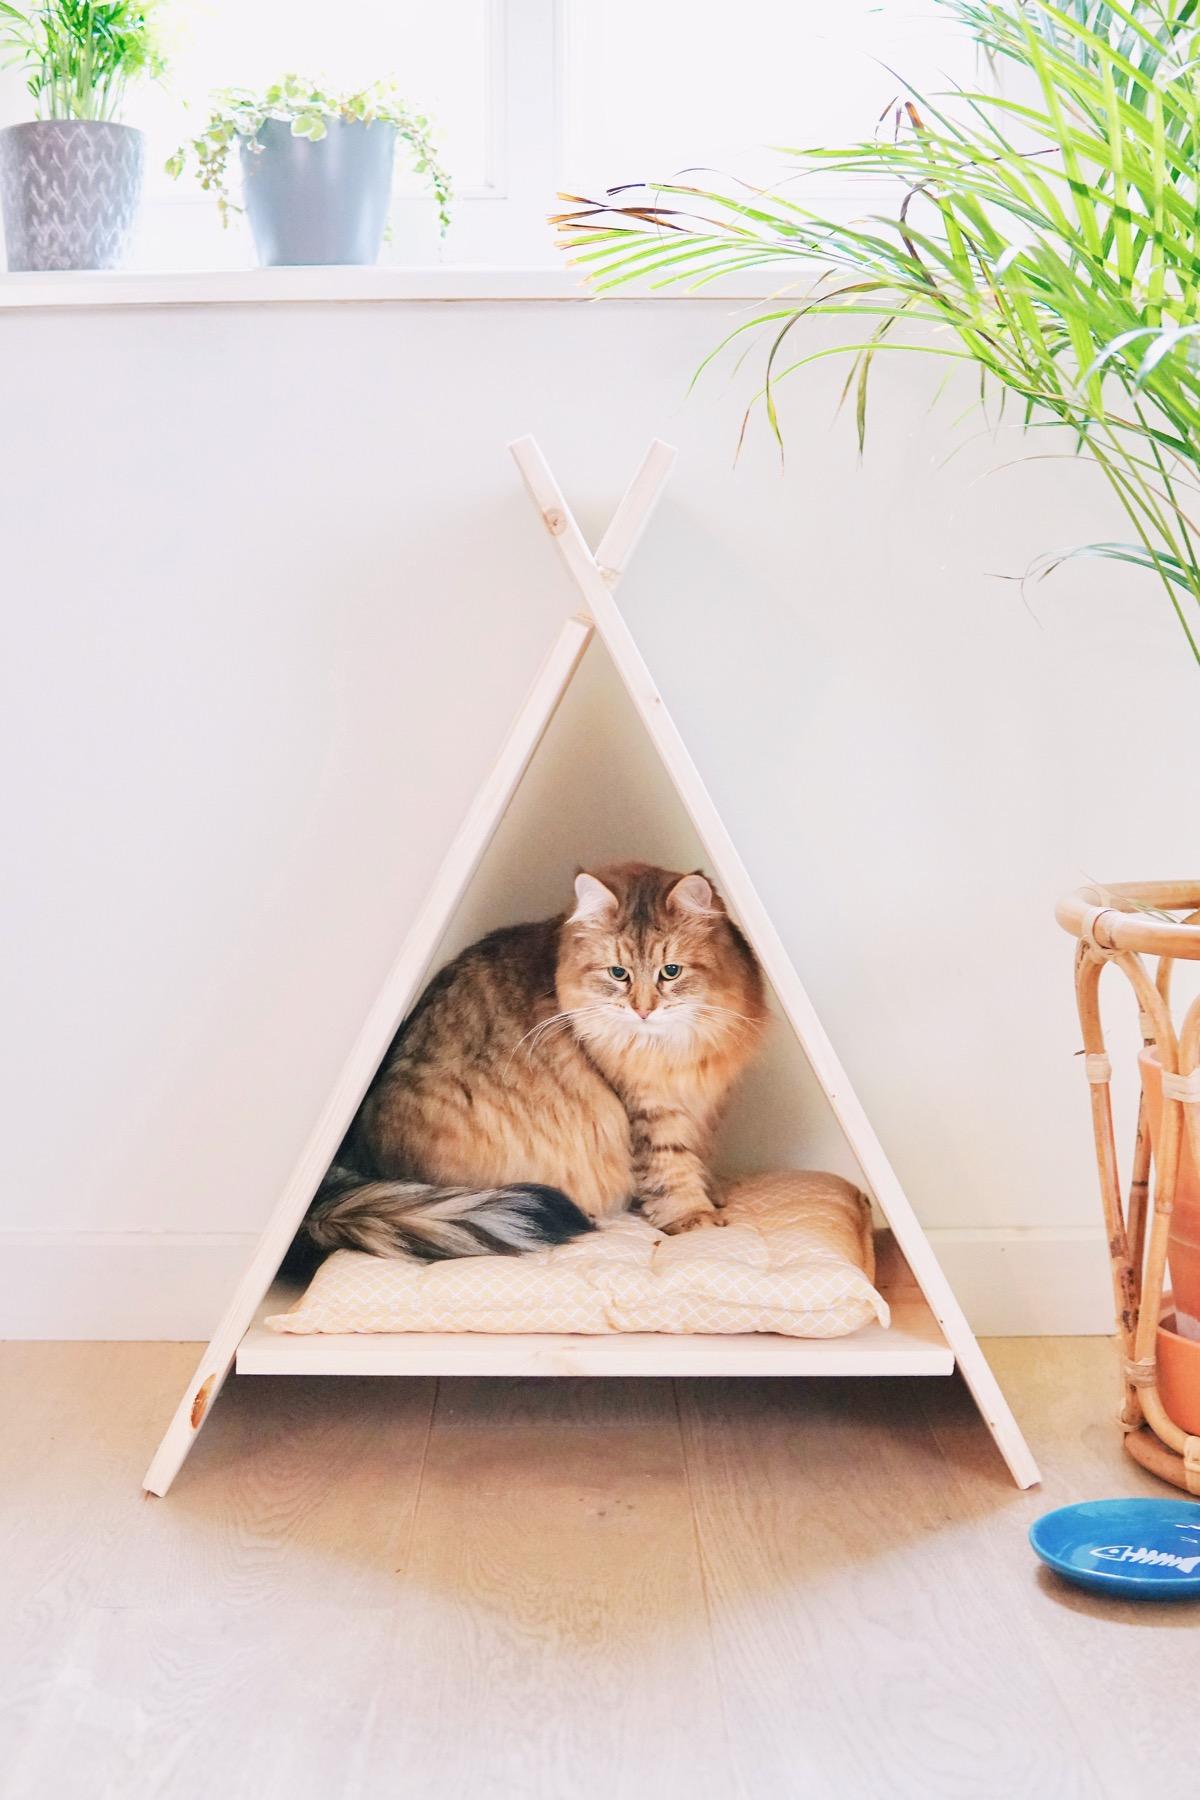 Maak zelf een tipi voor je kat!